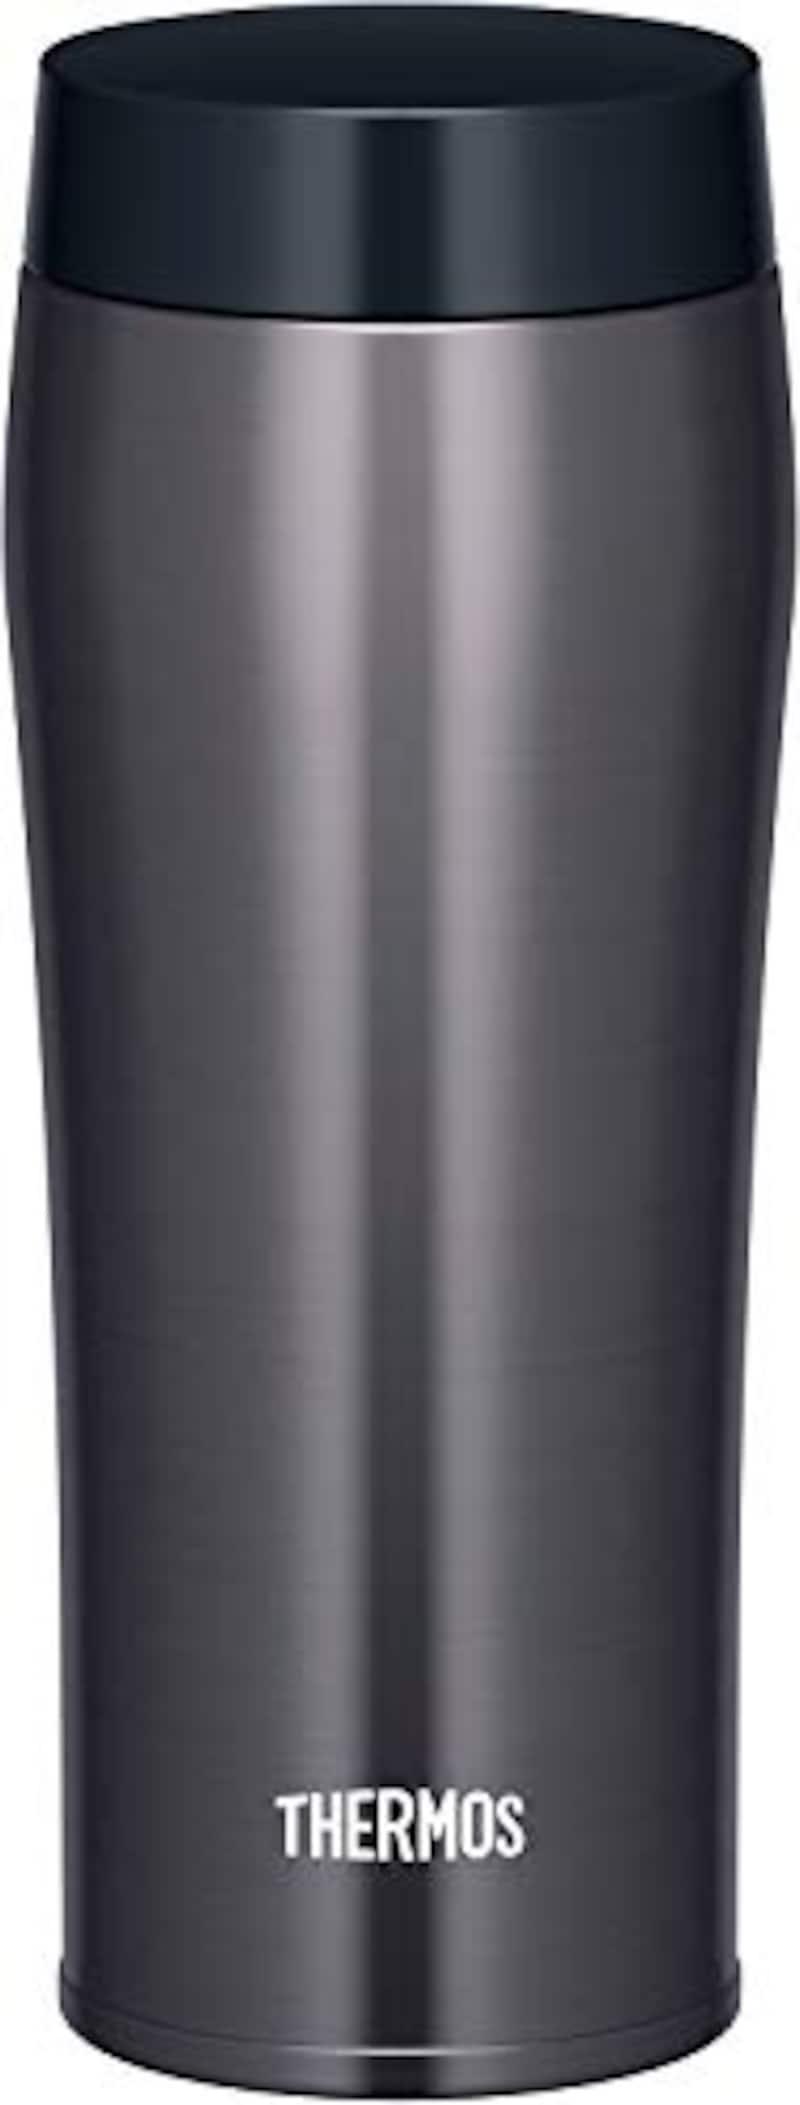 THERMOS(サーモス),真空断熱ケータイタンブラー,JOE-480